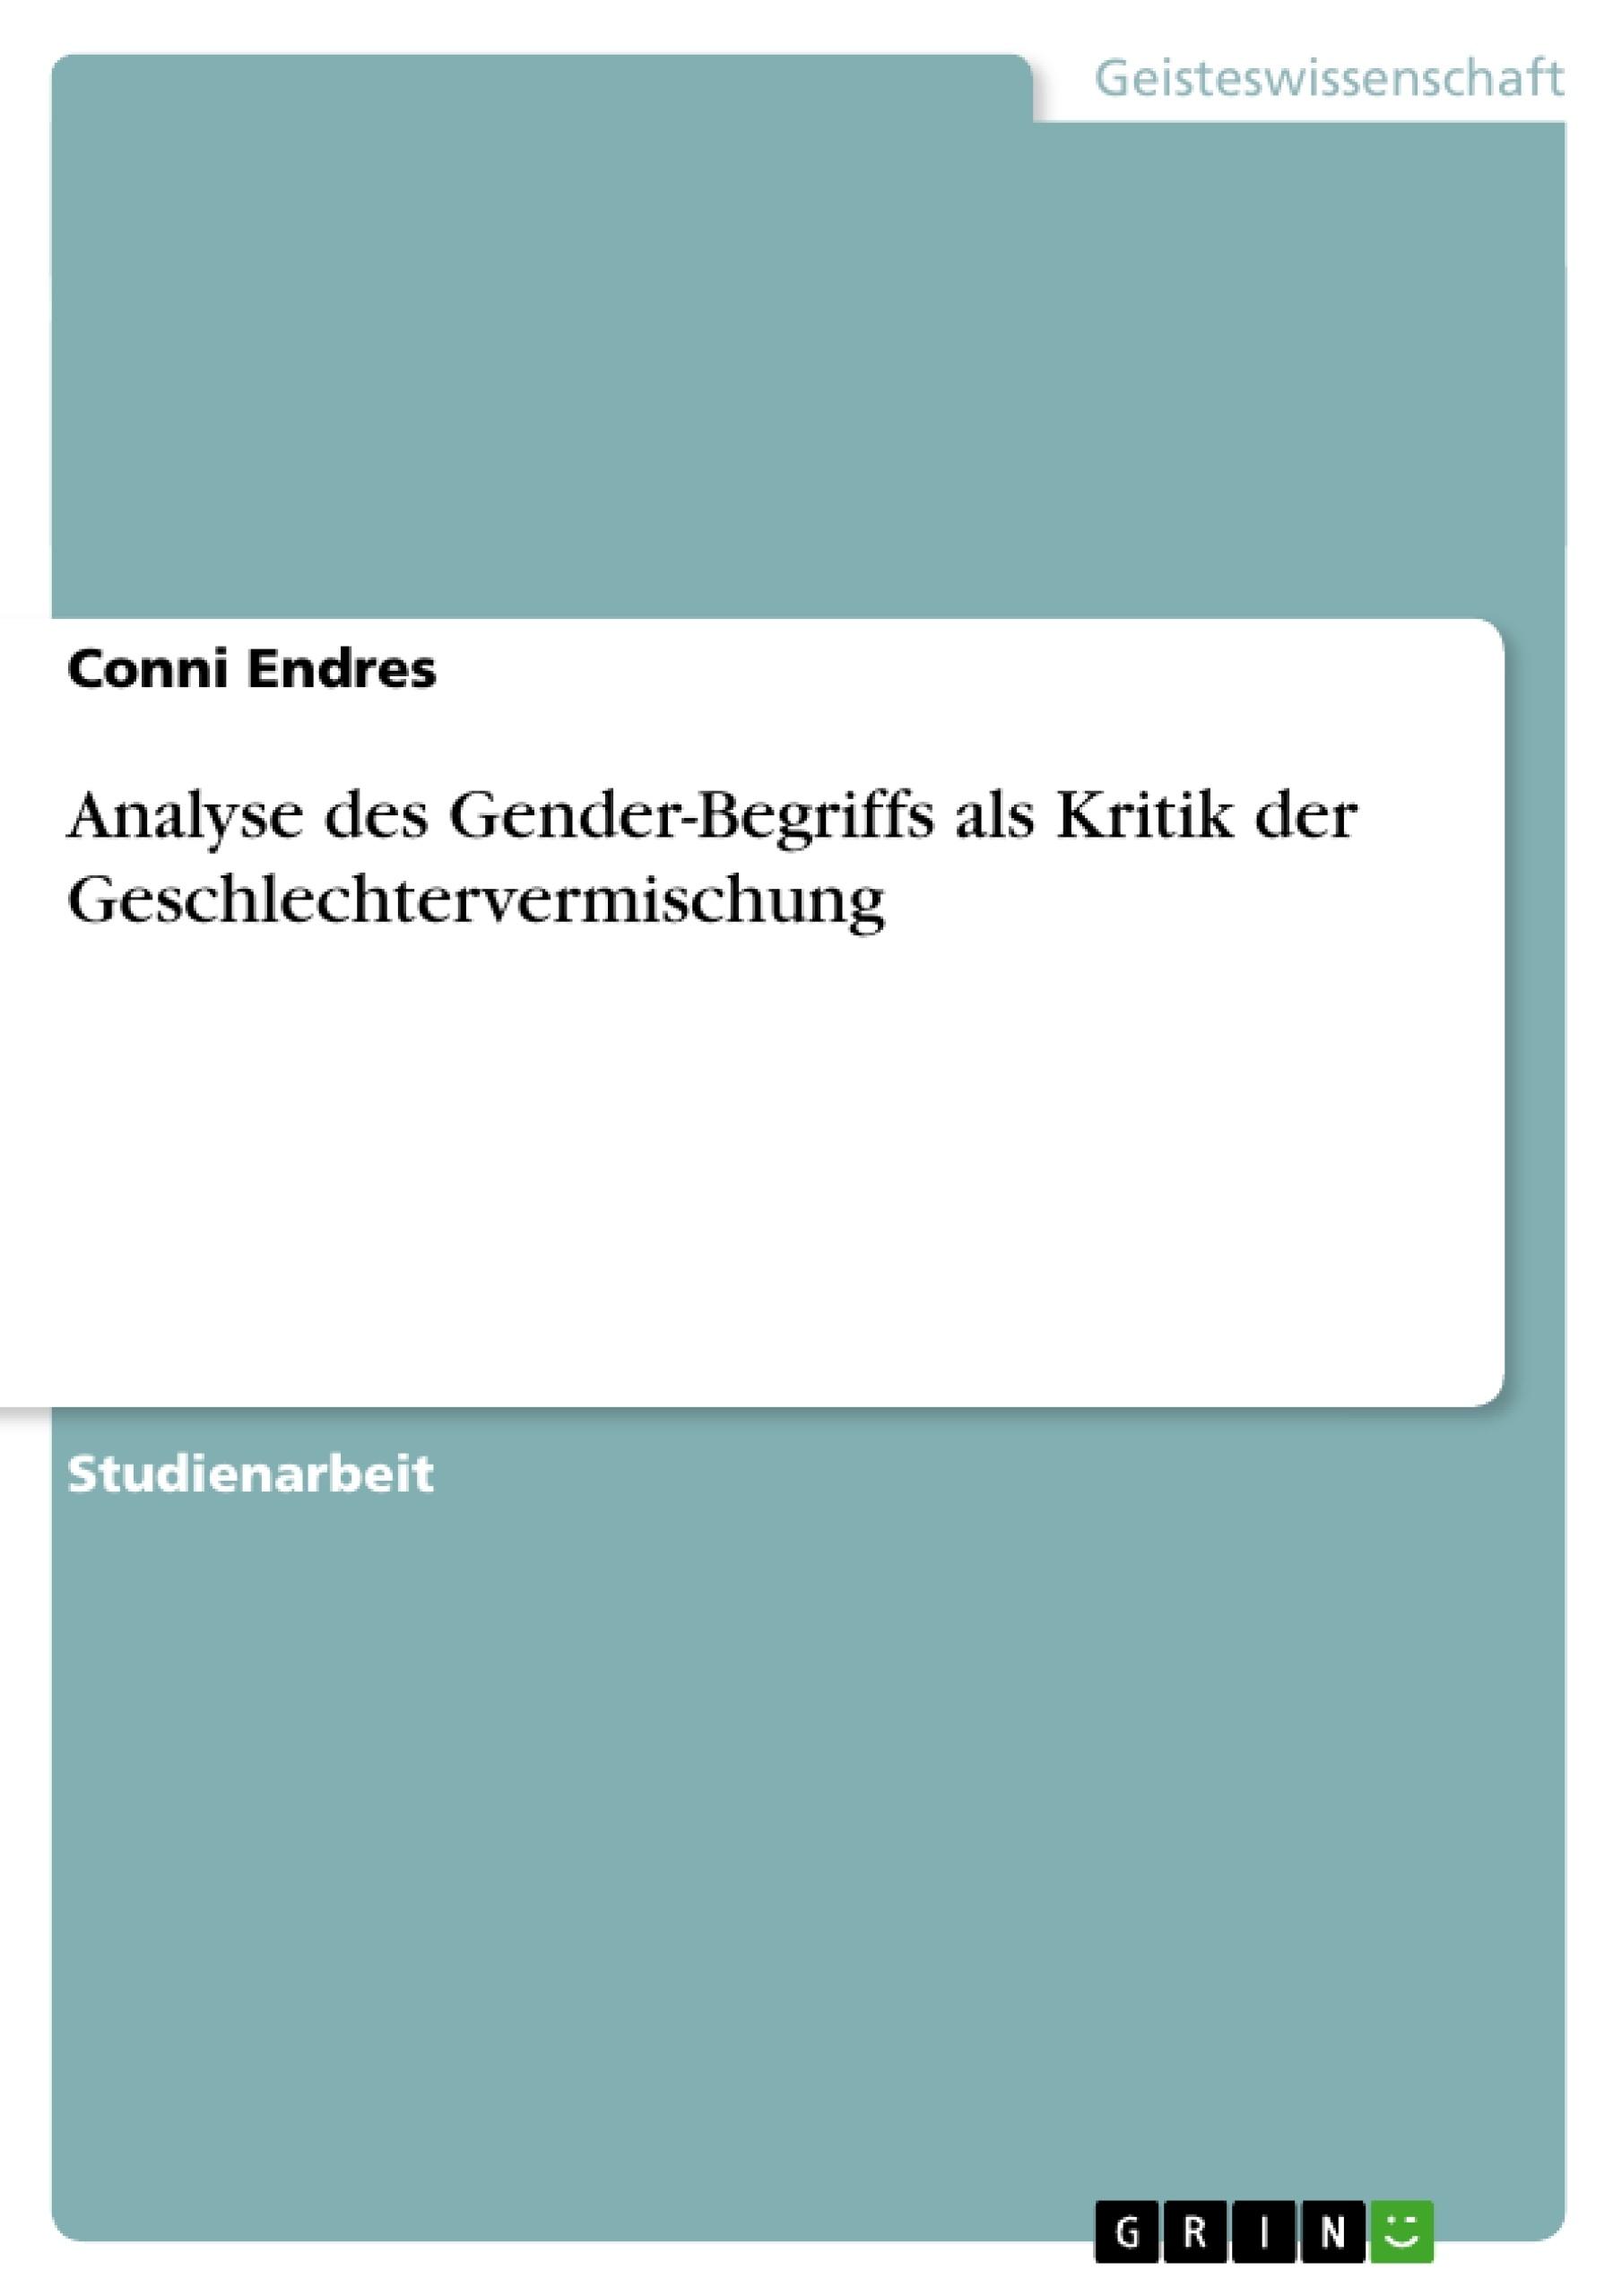 Titel: Analyse des Gender-Begriffs als Kritik der Geschlechtervermischung